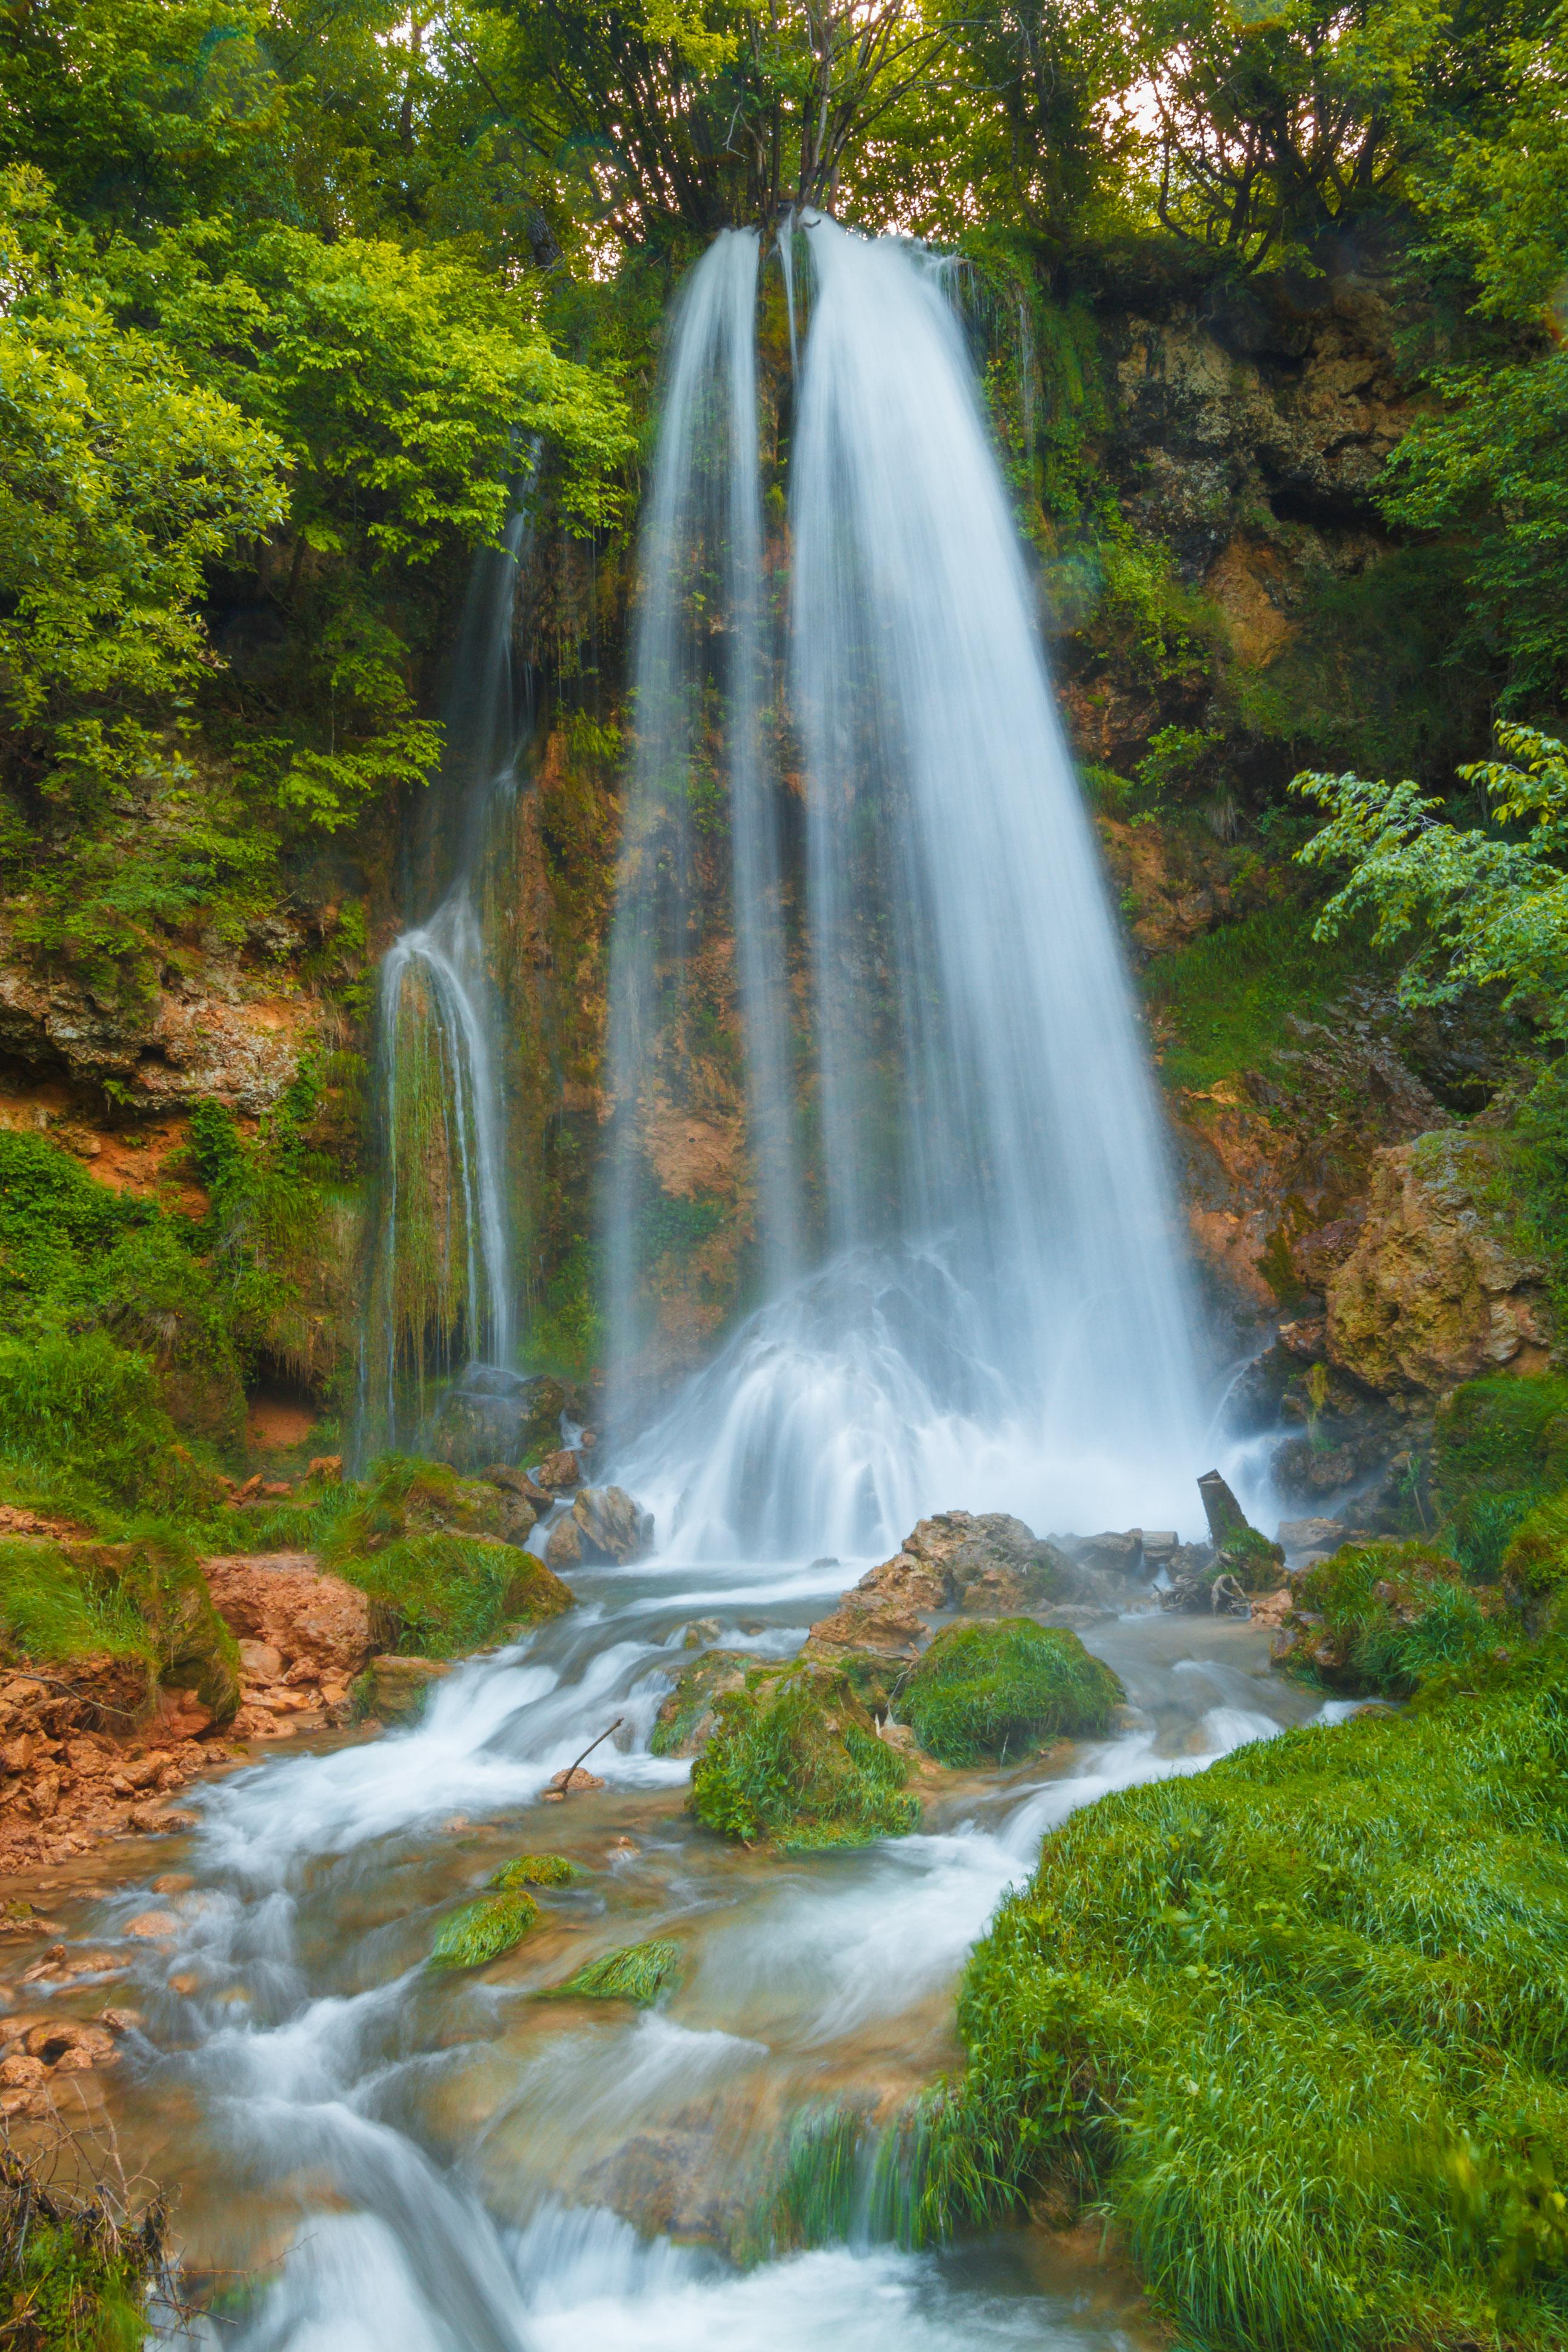 File:Vodopad Gostilje Zlatibor1.jpg - Wikimedia Commons